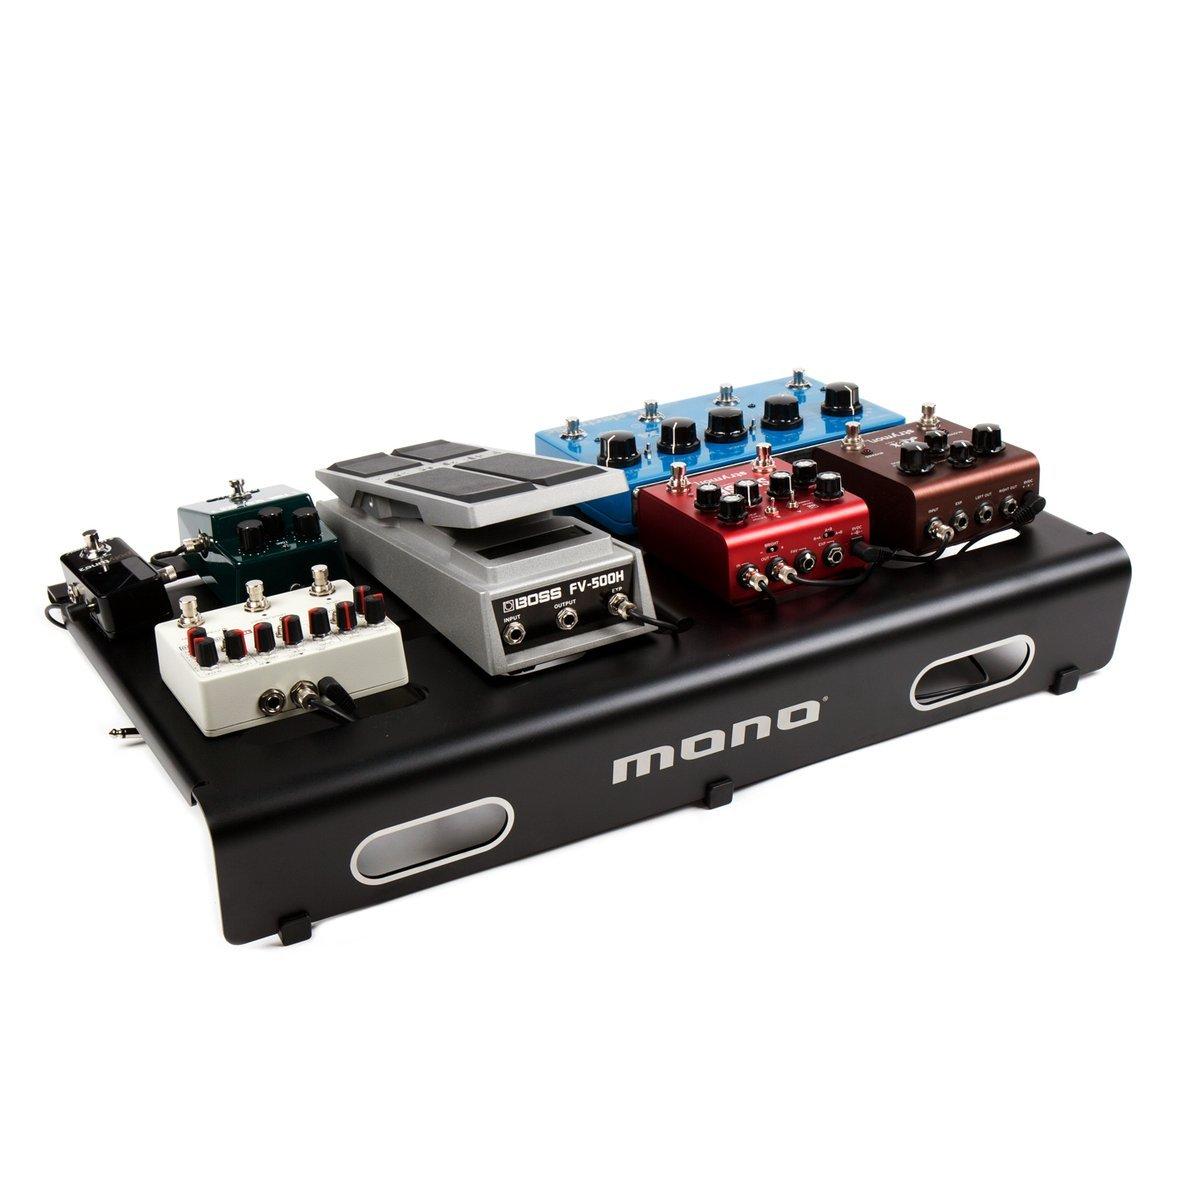 Mono M80 Series Medium Pedalboard in Black